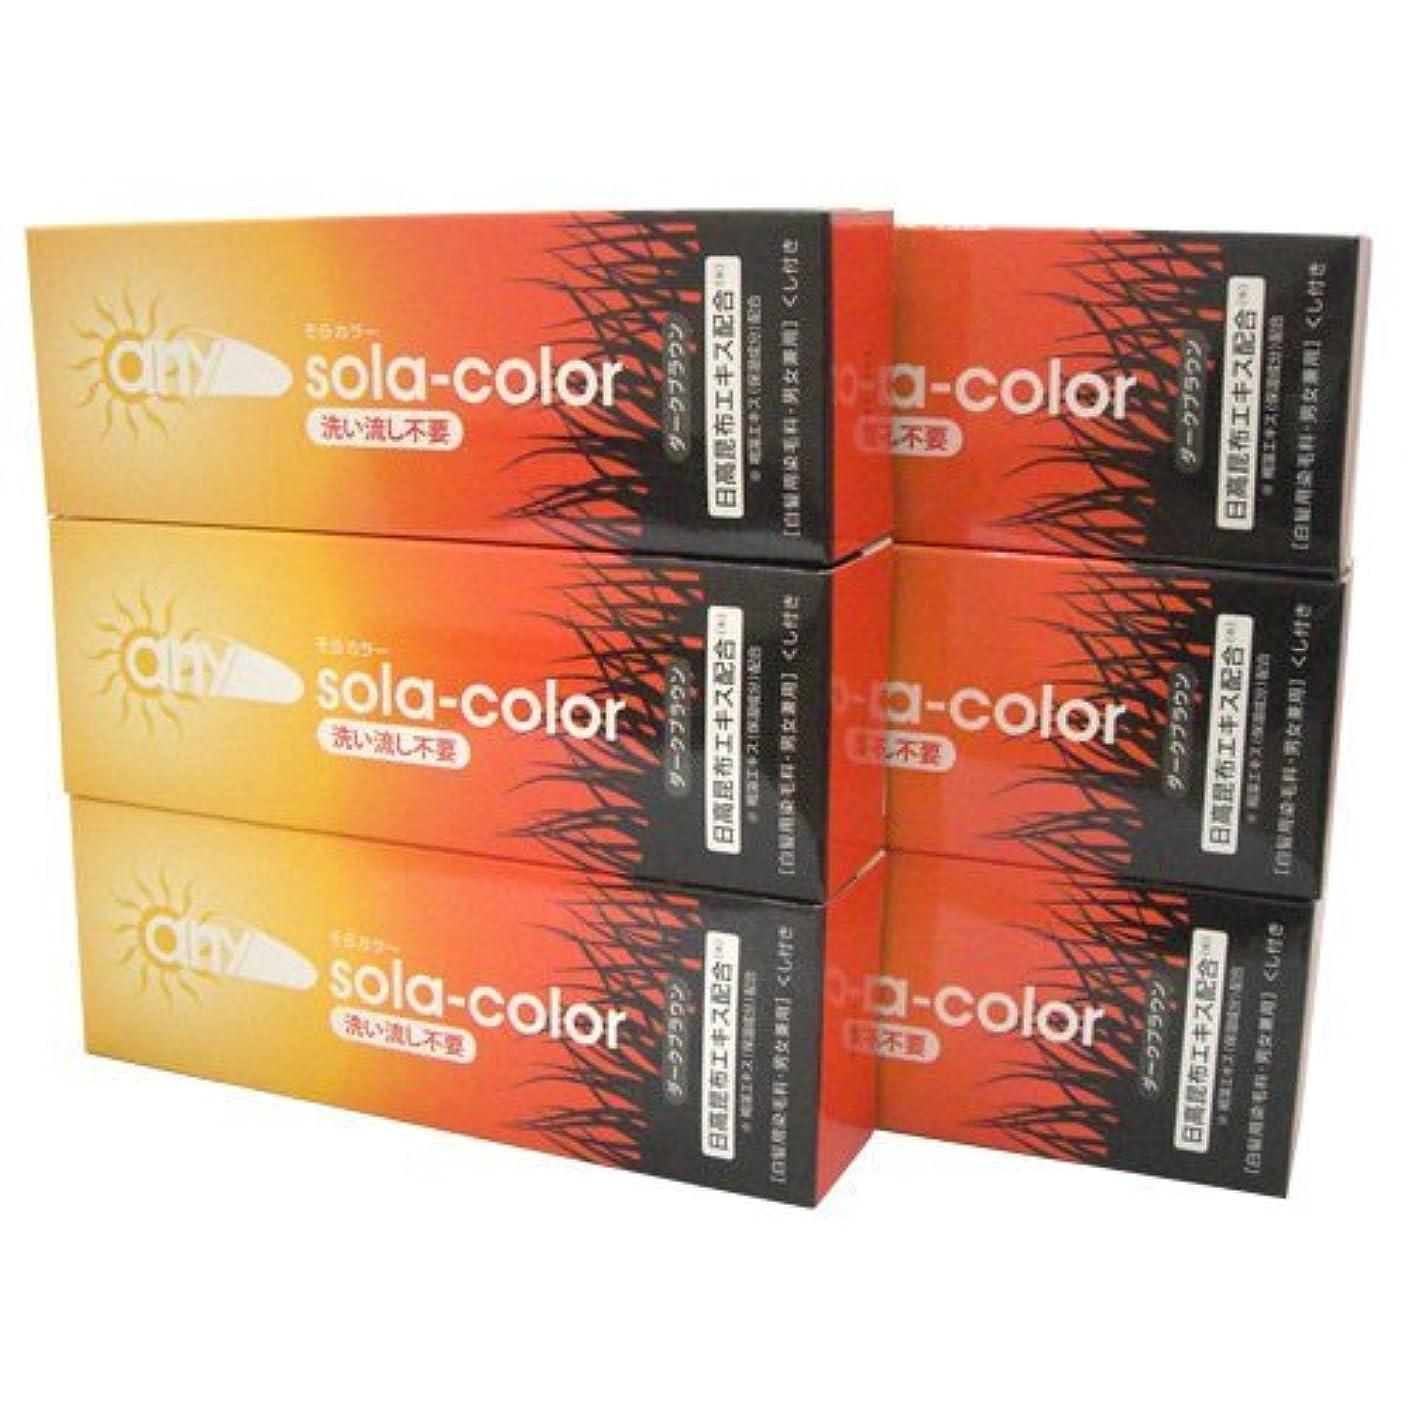 収束罪悪感ワイプそらカラー (sola-color) 光ヘアクリーム 80g ダークブラウン x6個セット